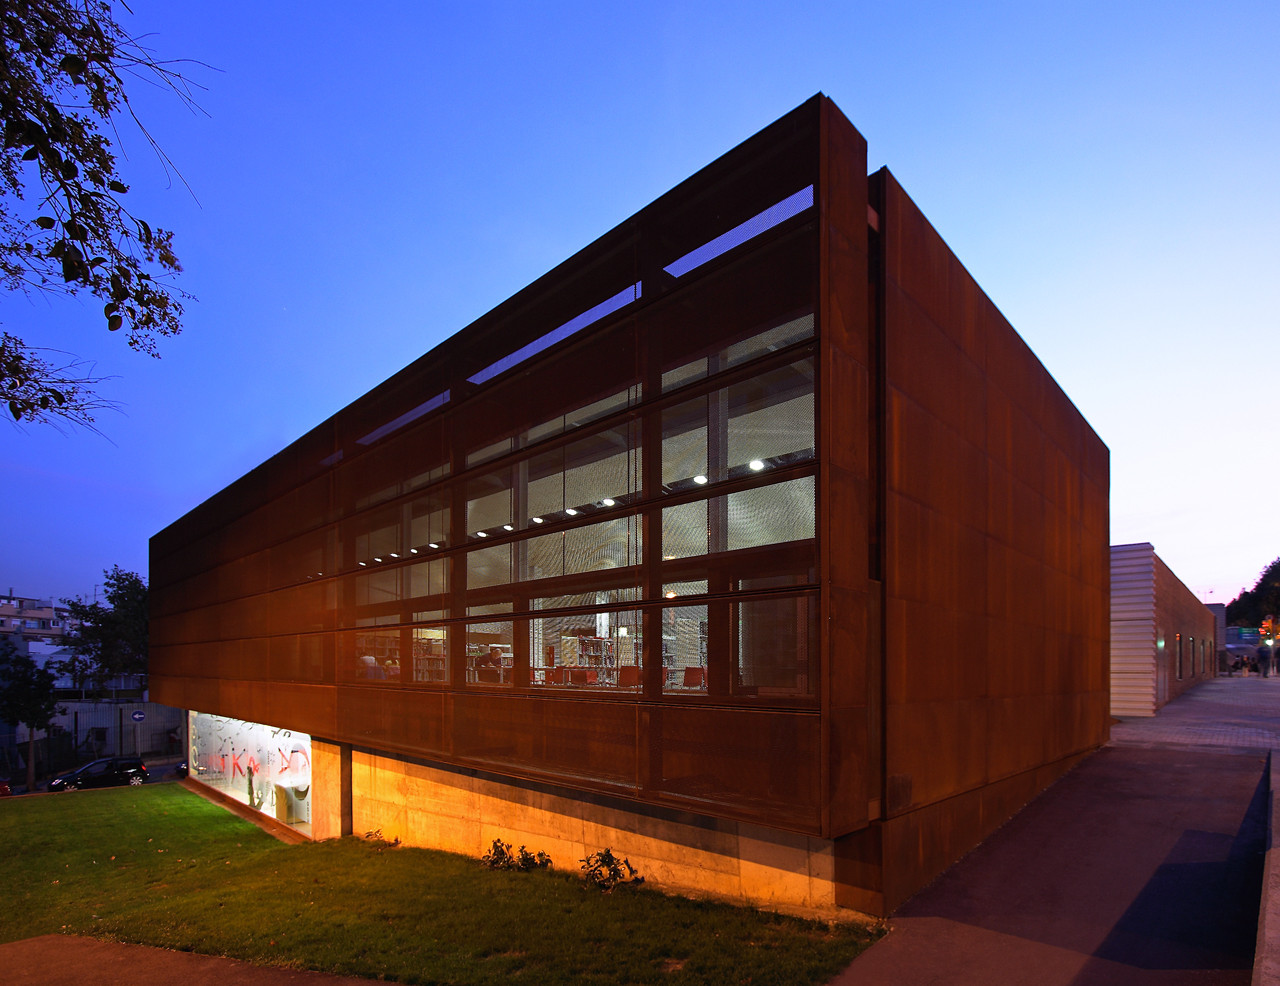 Biblioteca les roquetes soldevila arquitectos for Plataforma arquitectura